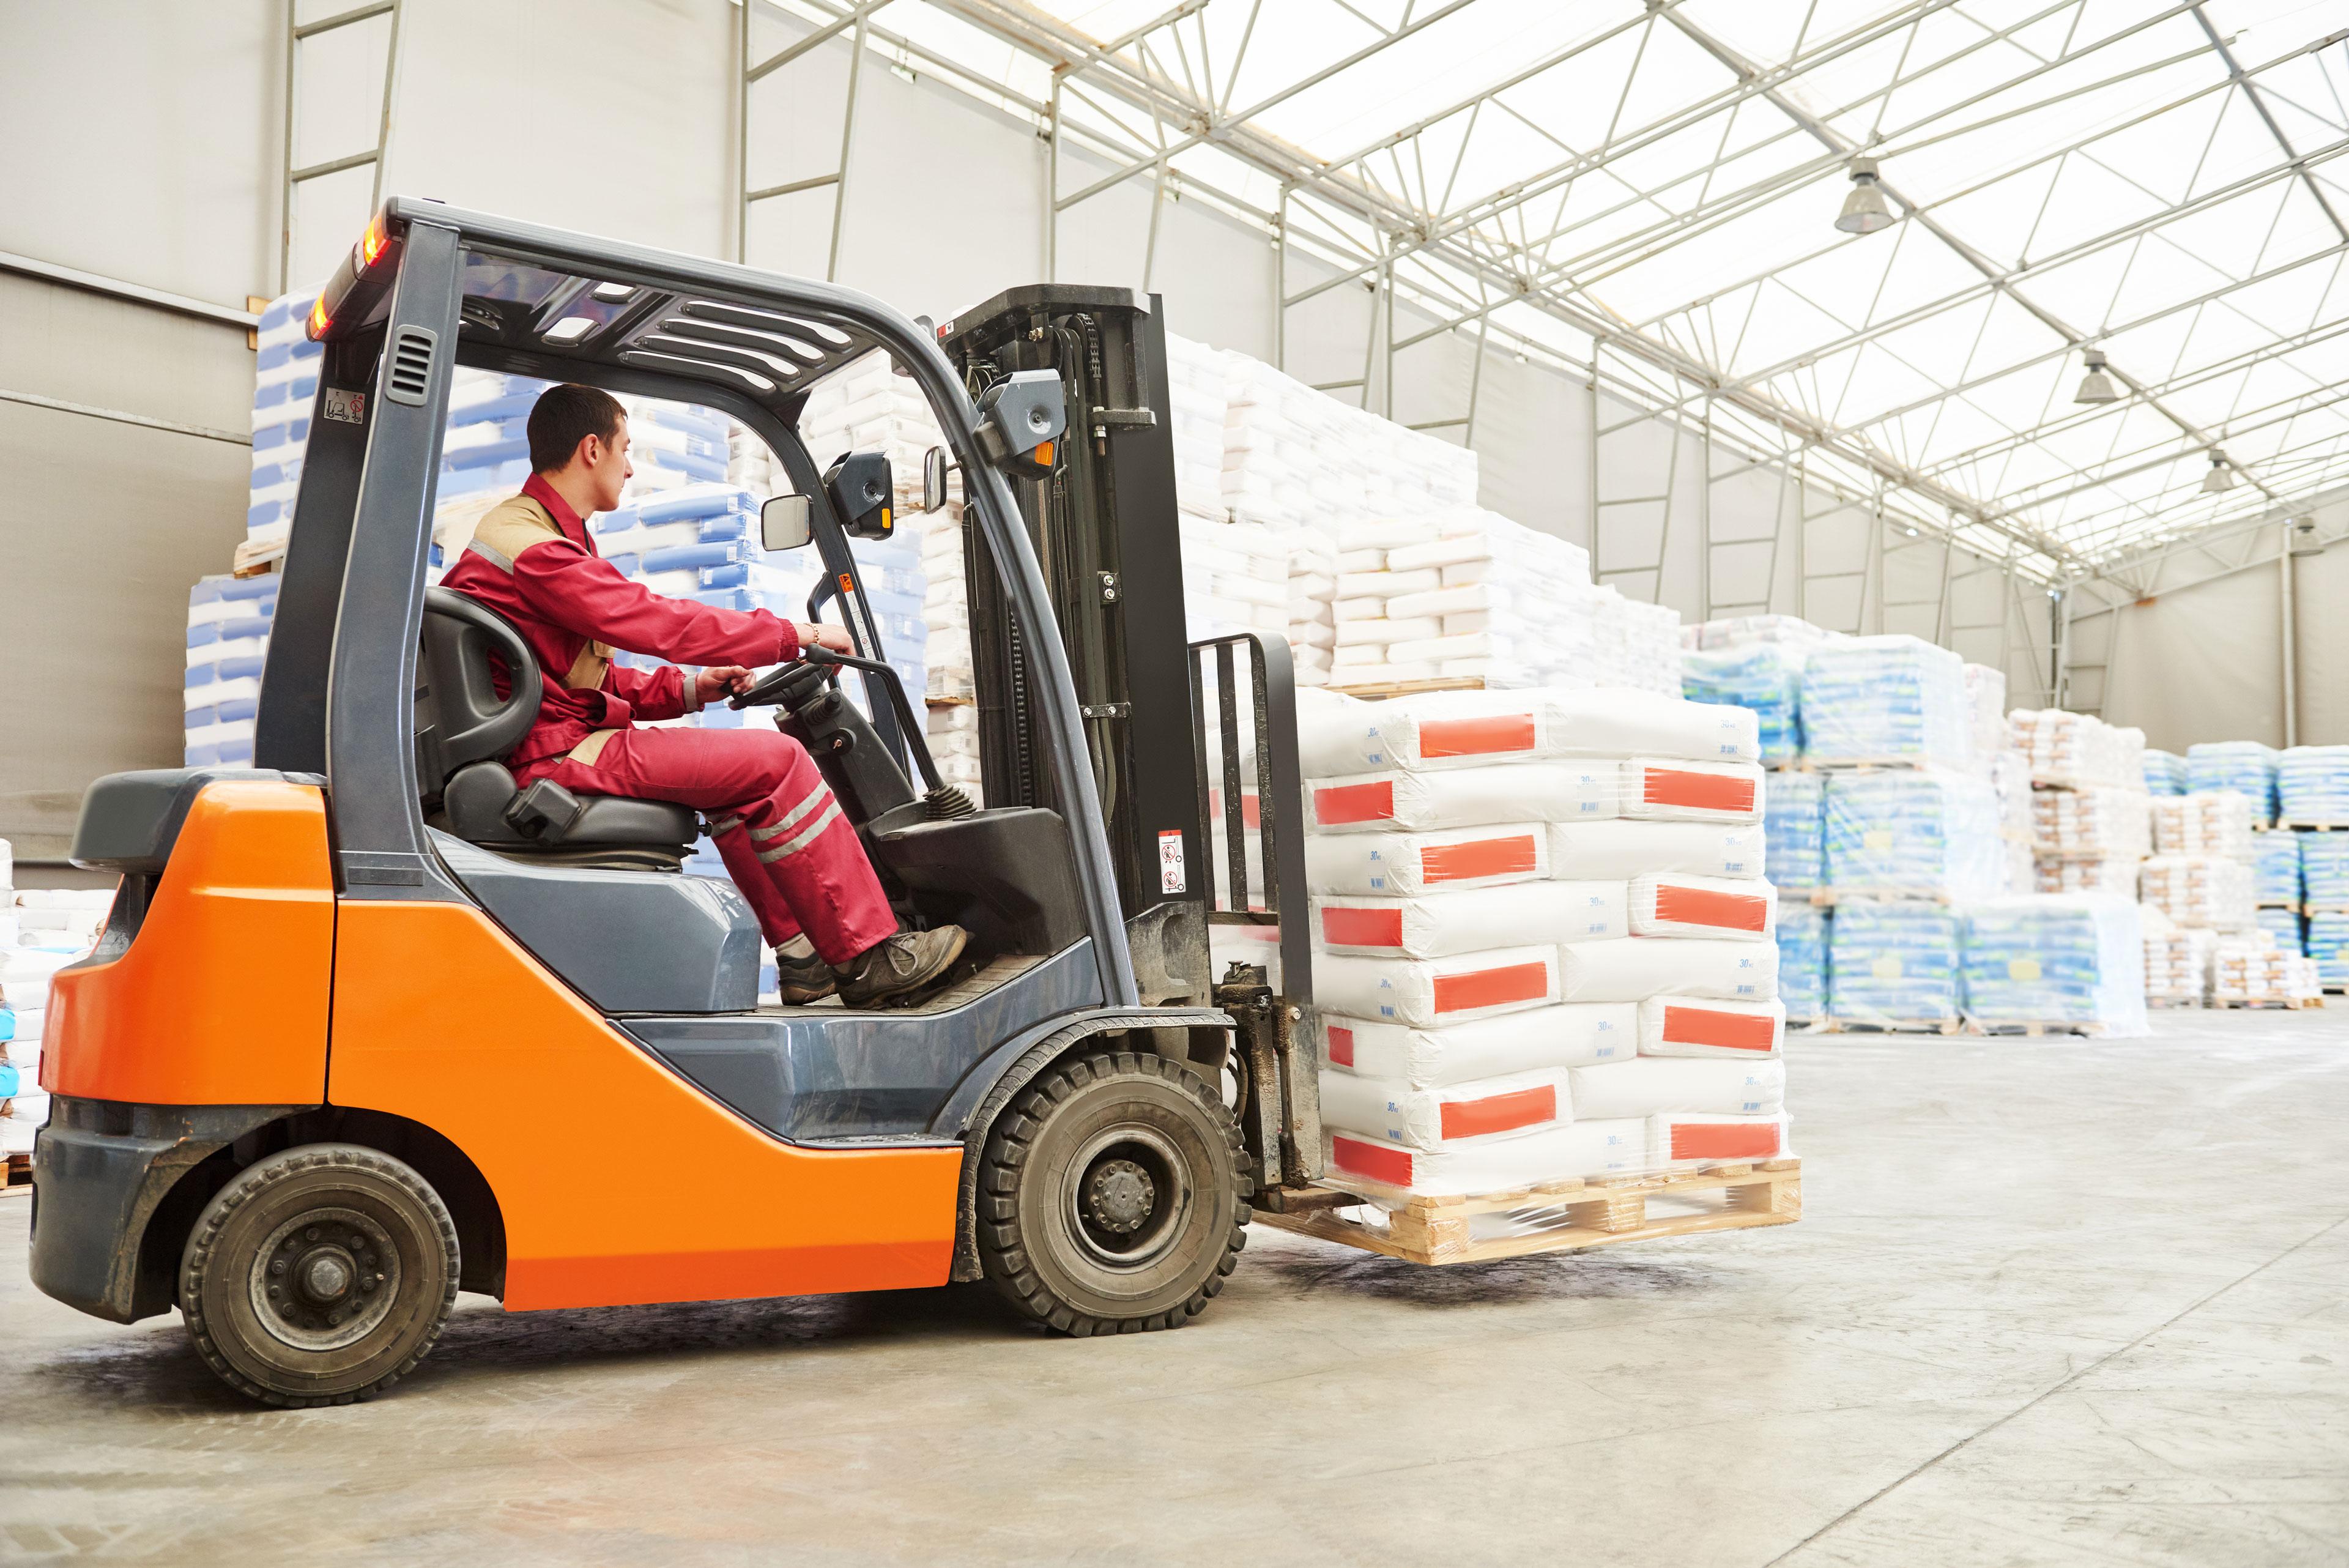 Forklifts of PA - Forklift Sales